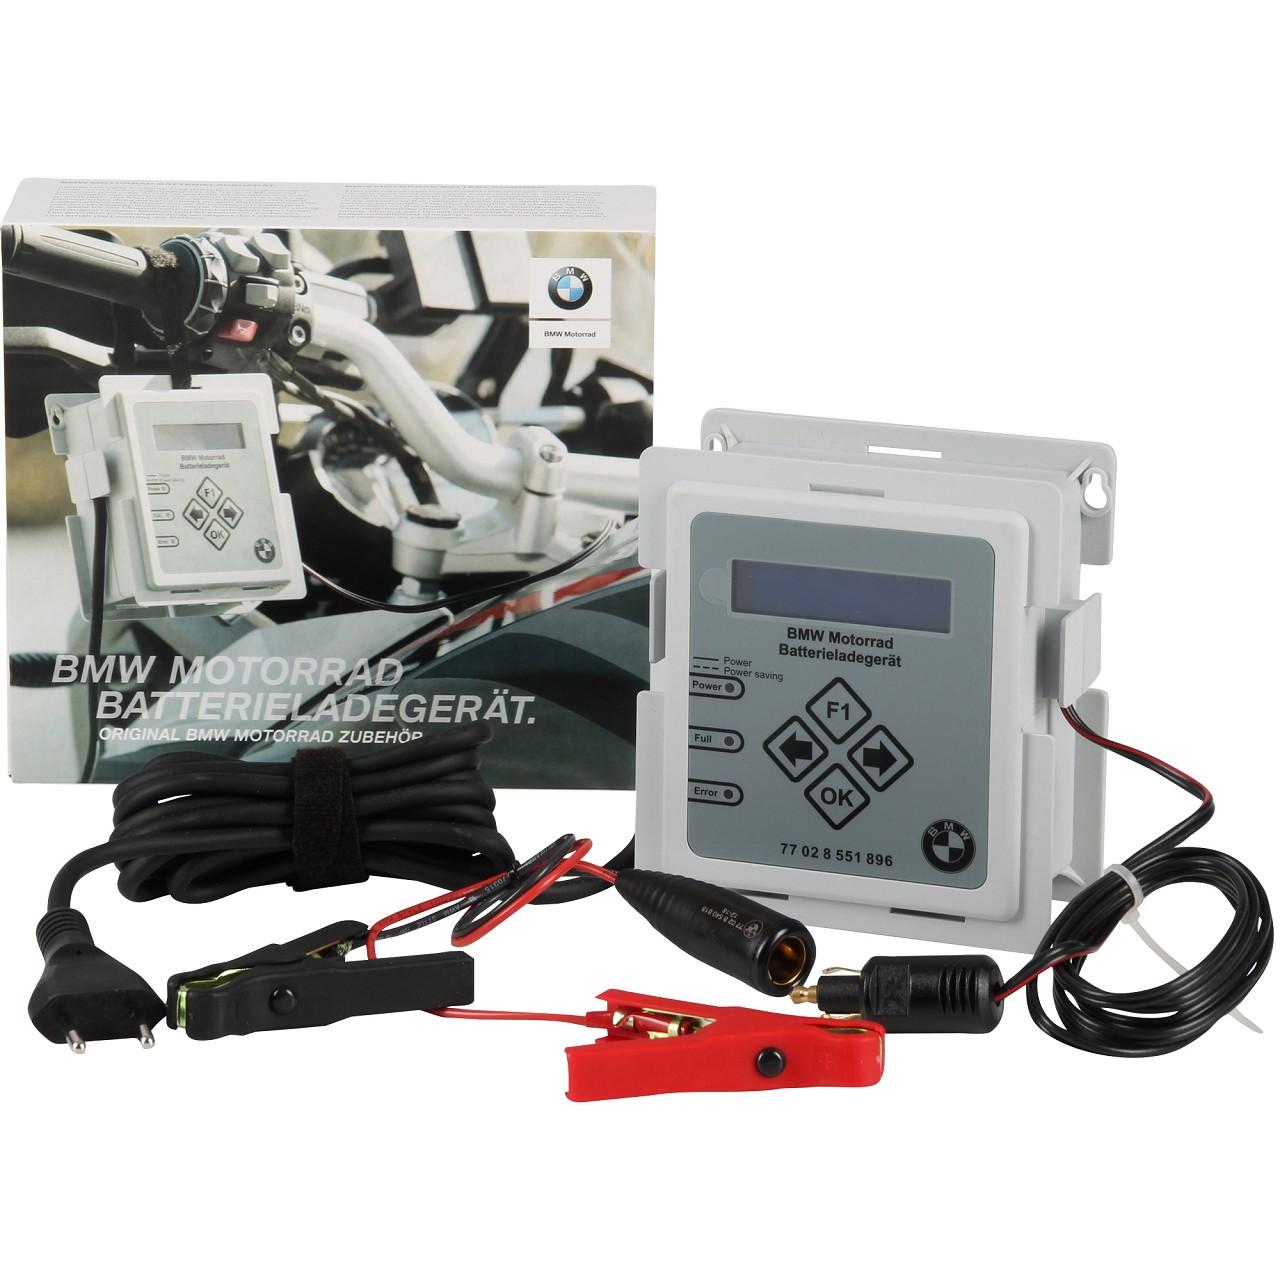 Original BMW Motorrad Batterieladegerät 230V CANBUS mit Adapterkabel 77028551896